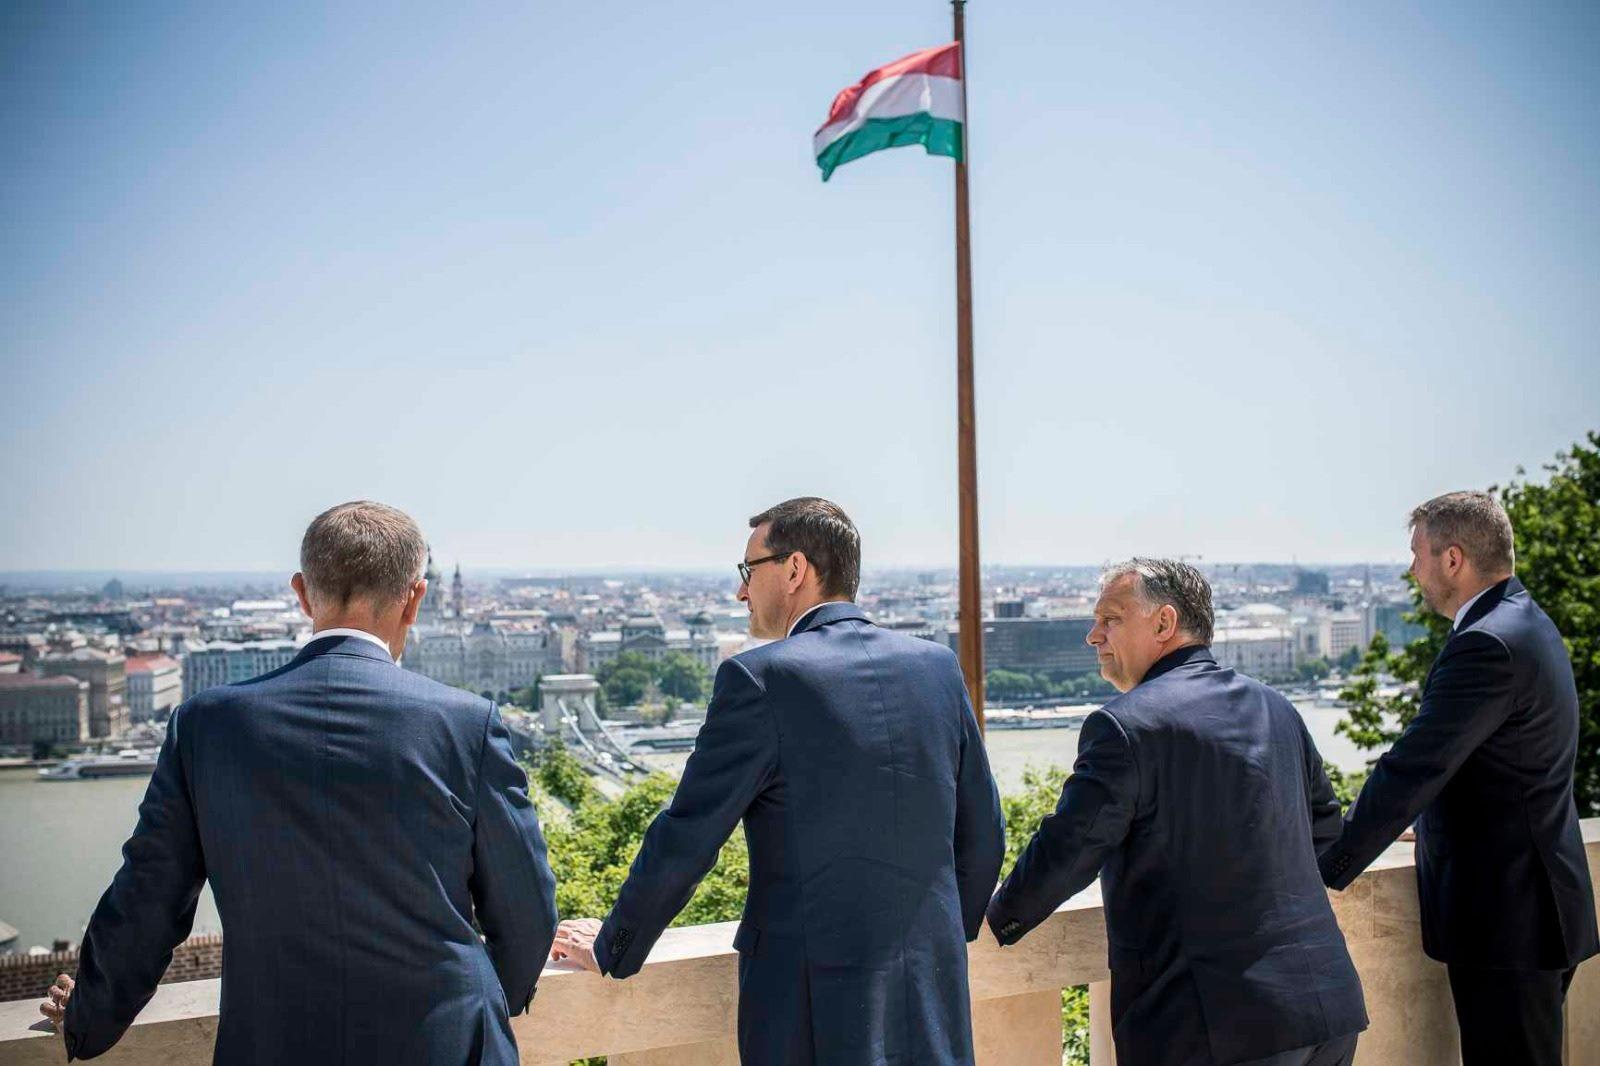 """Les Premiers ministres du V4 observant Budapest depuis le balcon de la Karmelita, le """"Matignon"""" hongrois, le 13 juin 2019. De gauche à droite : Andrej Babiš (CZ), Mateusz Morawiecki (PL), Viktor Orbán (HU) et Peter Pellegrini (SK). Photo : Page facebook officielle d'Andrej Babiš."""